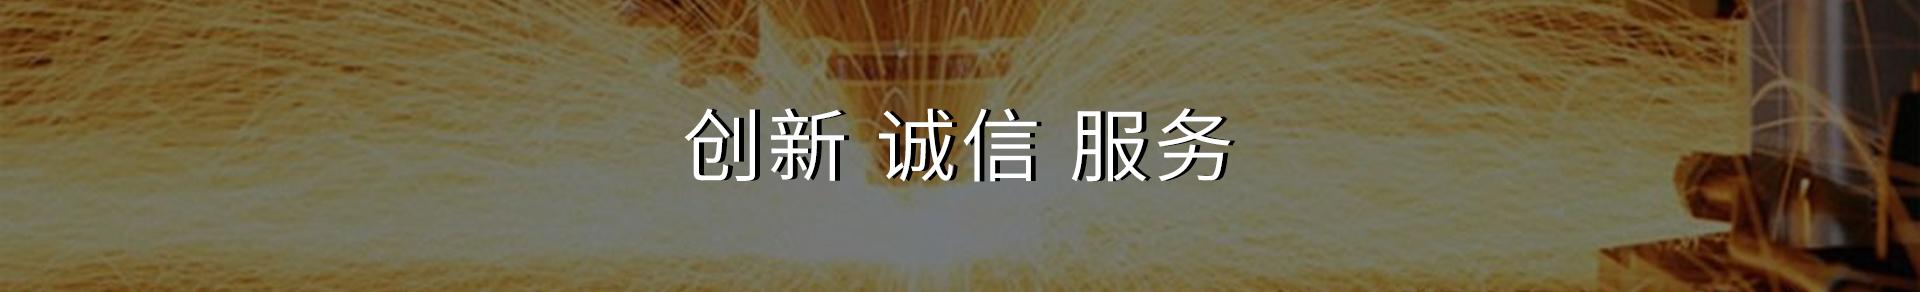 http://www.hhlaser99.com/data/upload/202003/20200317144056_167.jpg